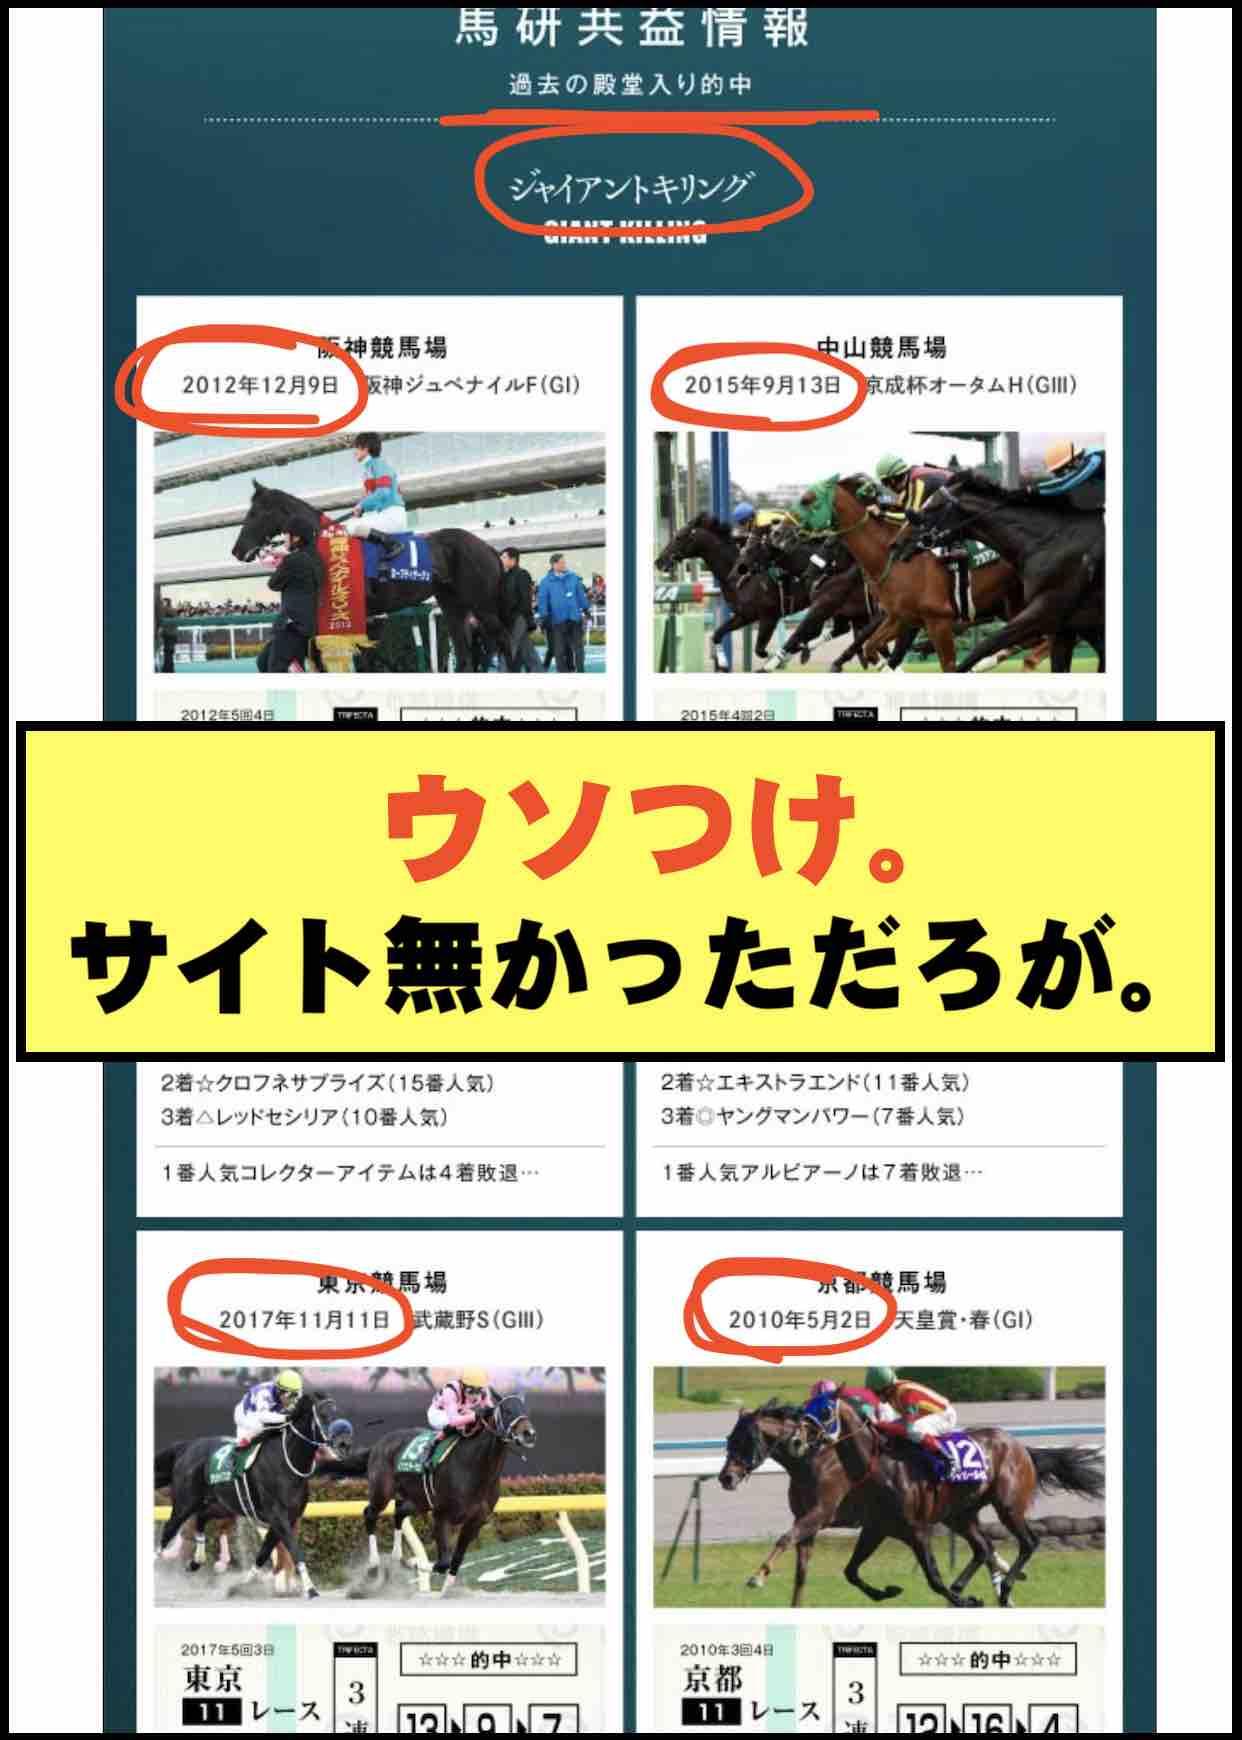 馬研総合戦略機構という競馬予想サイトの的中実績はウソ